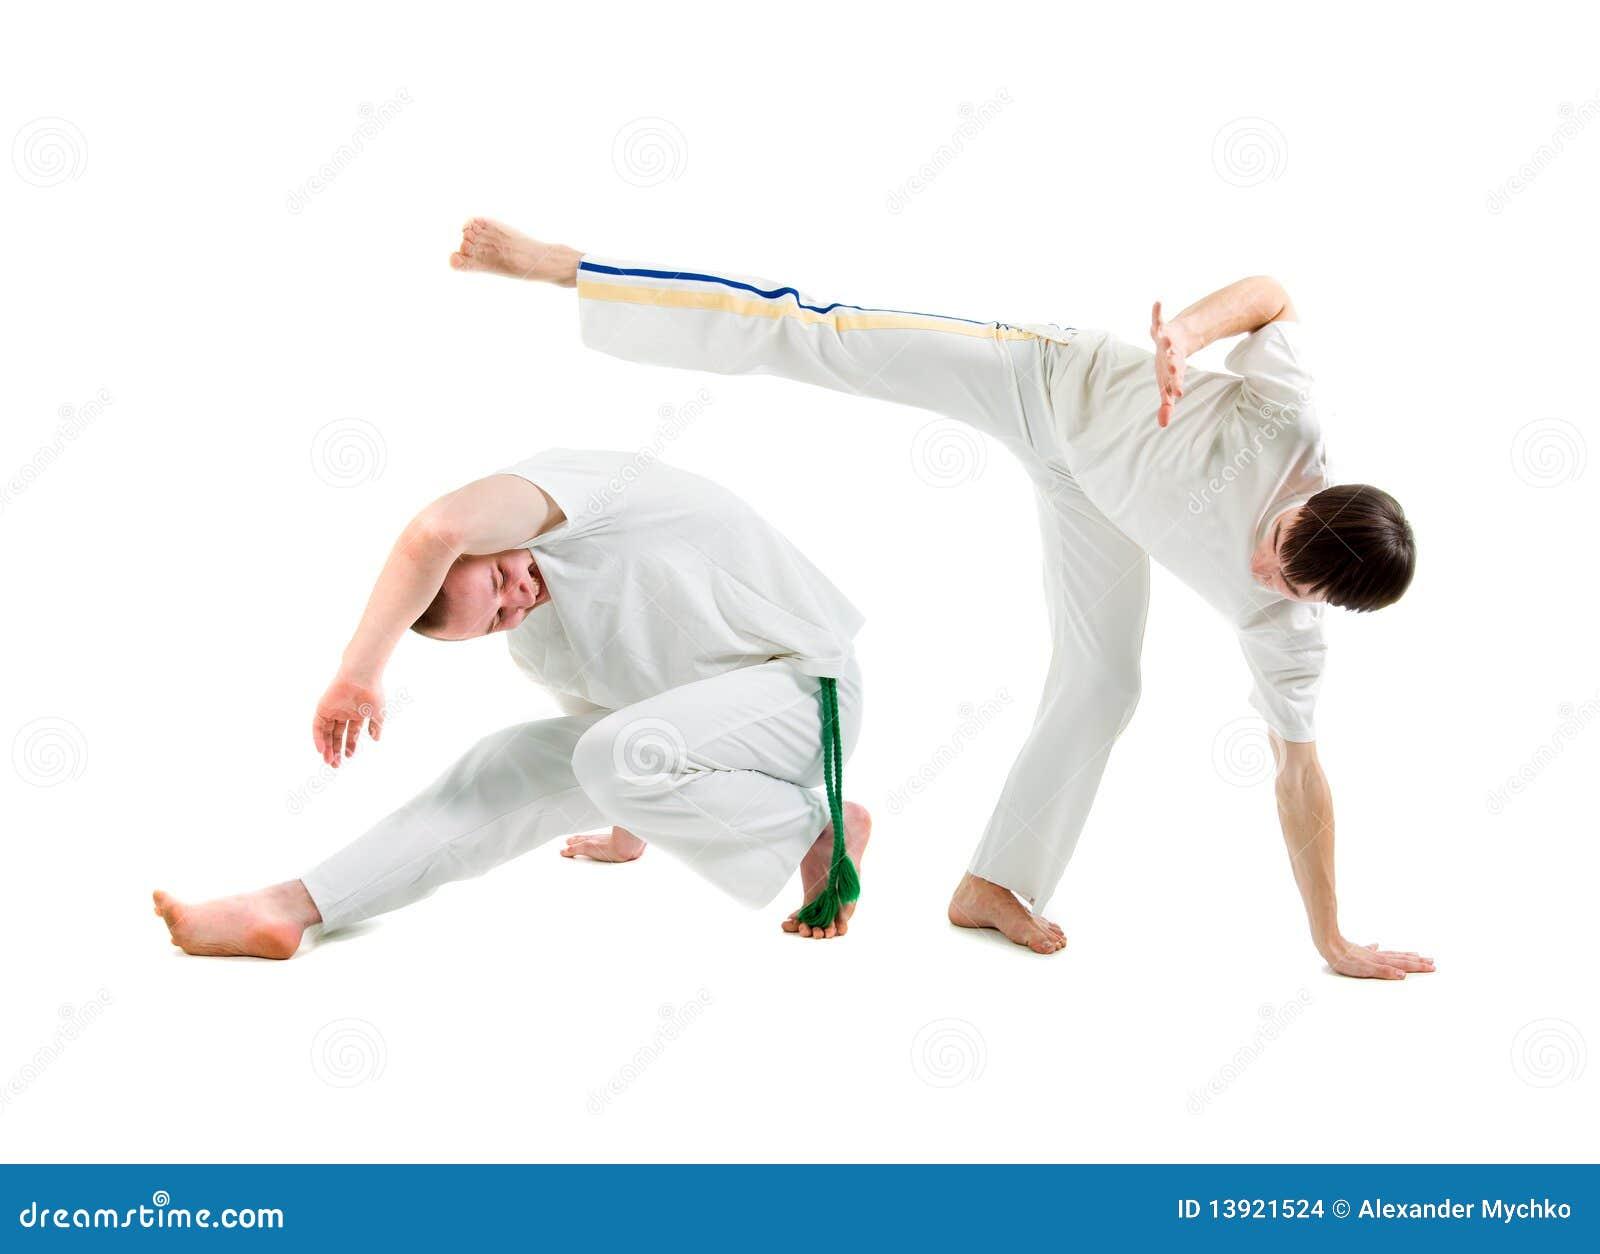 Esporte De Contato. Capoeira. Foto de Stock - Imagem de